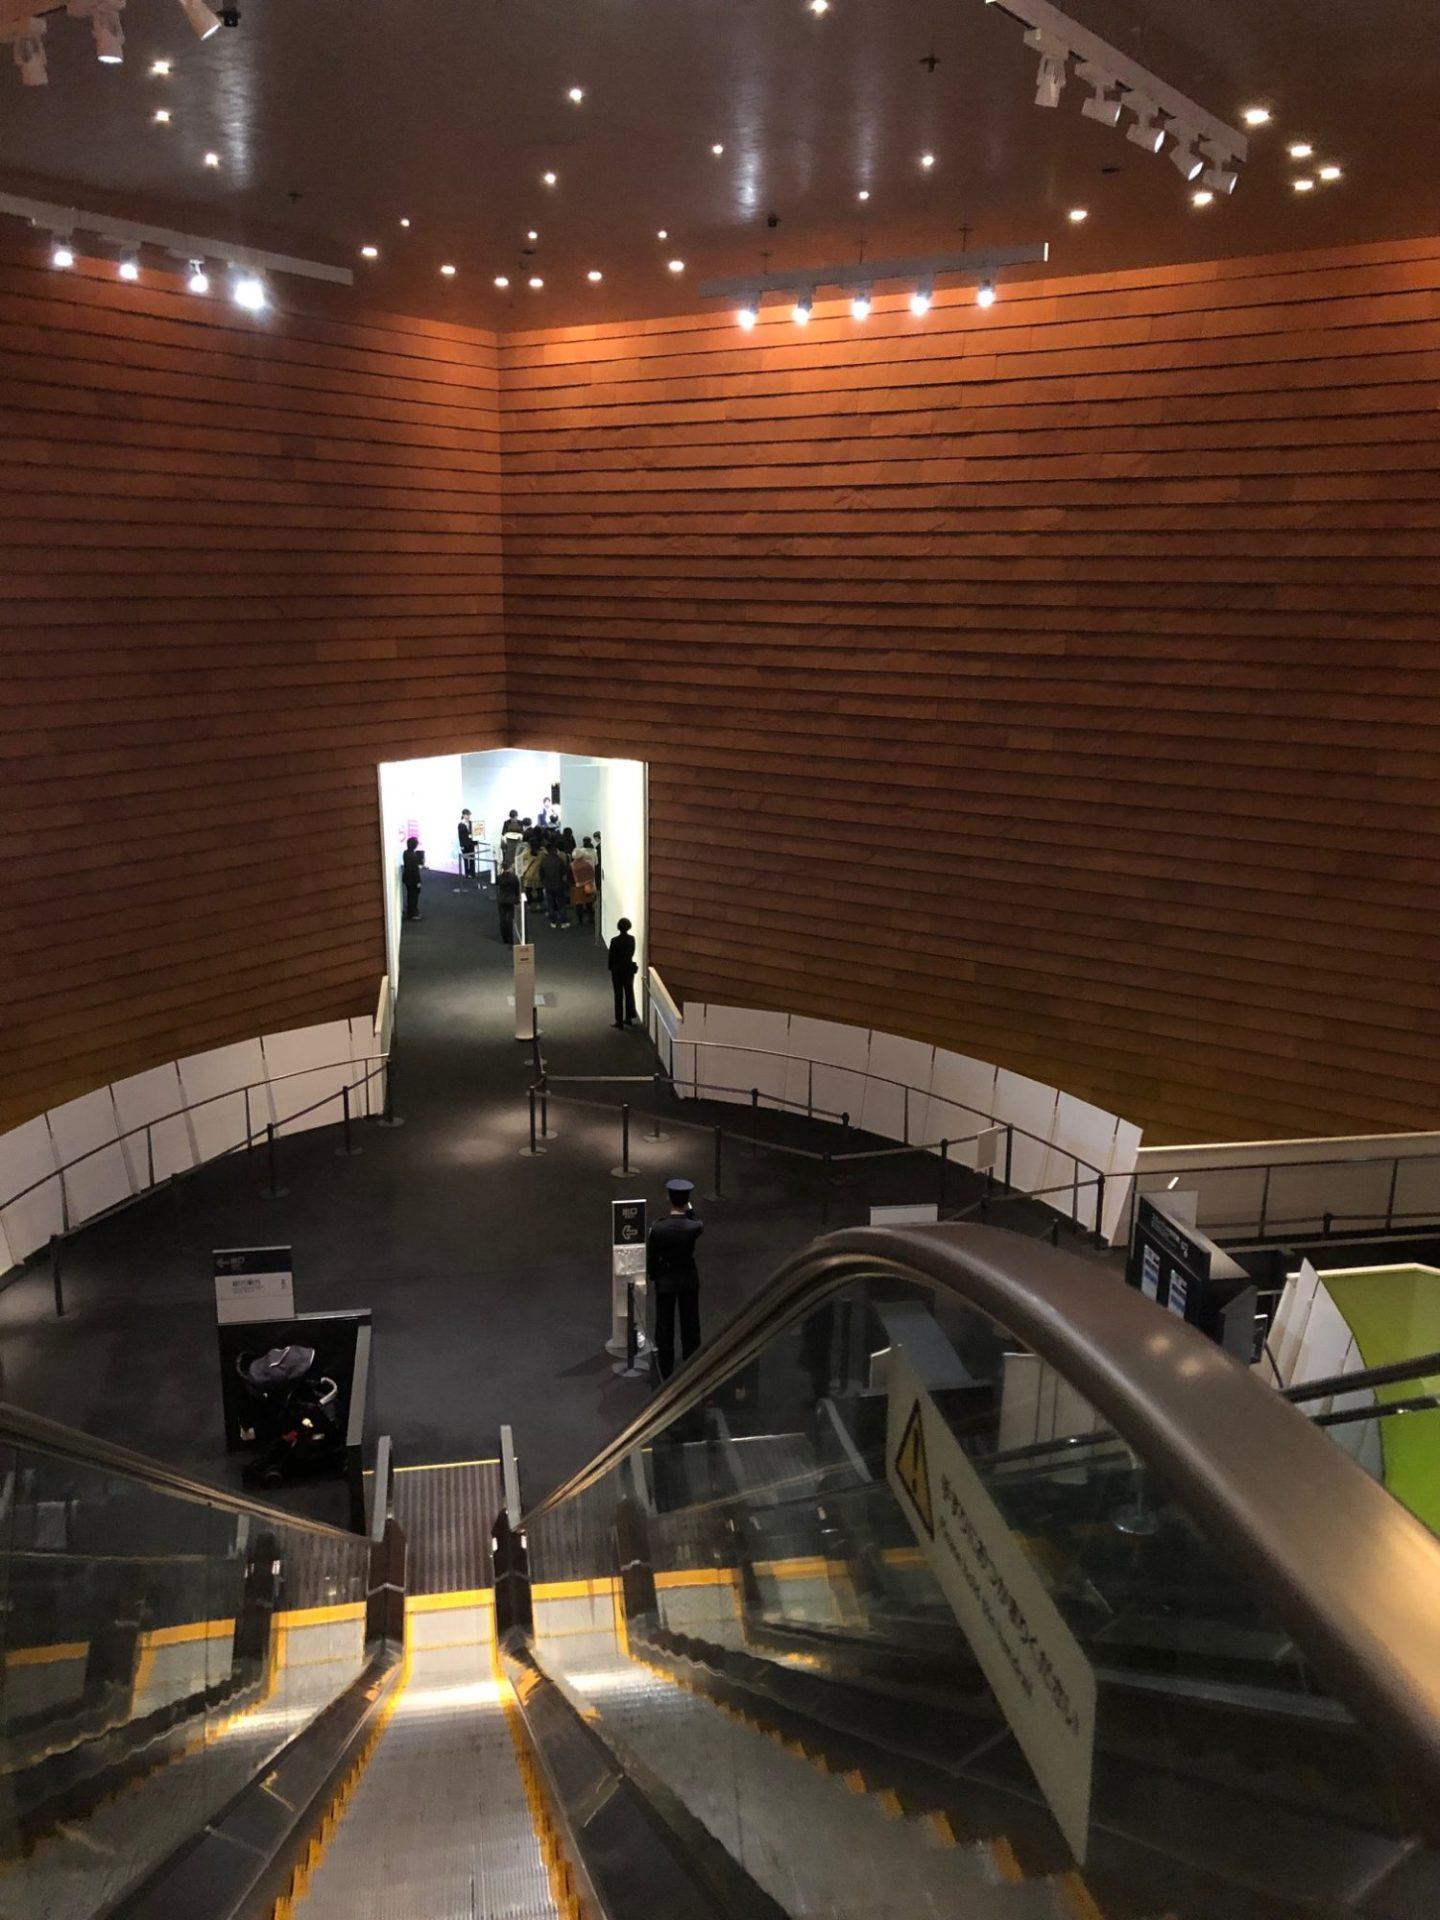 六本木ヒルズ 森美術館の下りエスカレーター